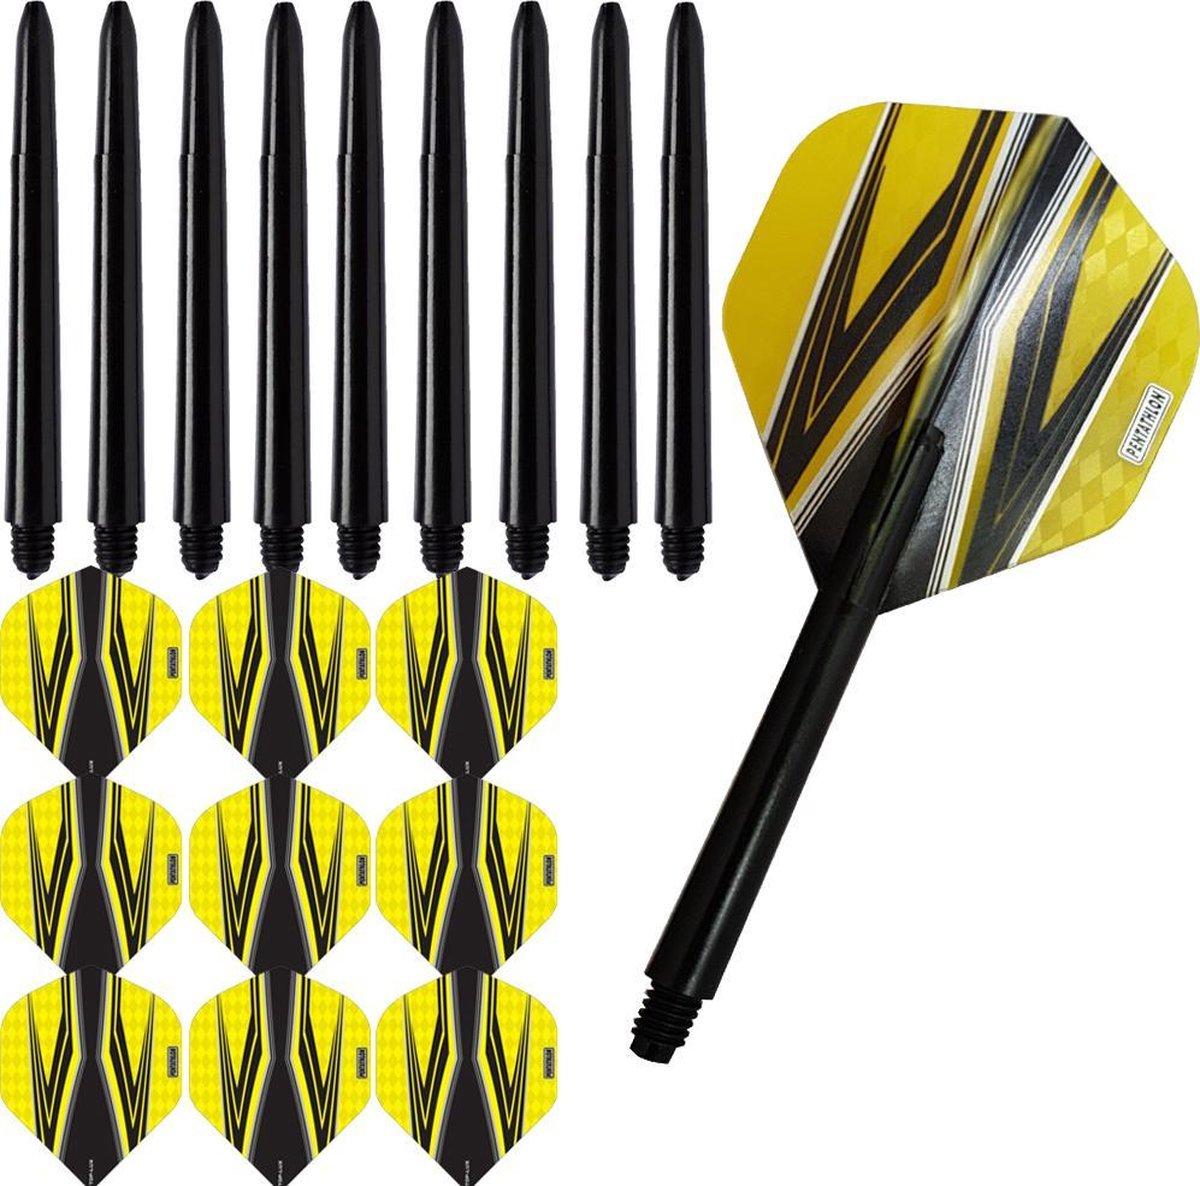 ABC Darts Flights Pentathlon - Dart flights en Medium Dart Shafts - Spitfire zwart geel - 3 sets